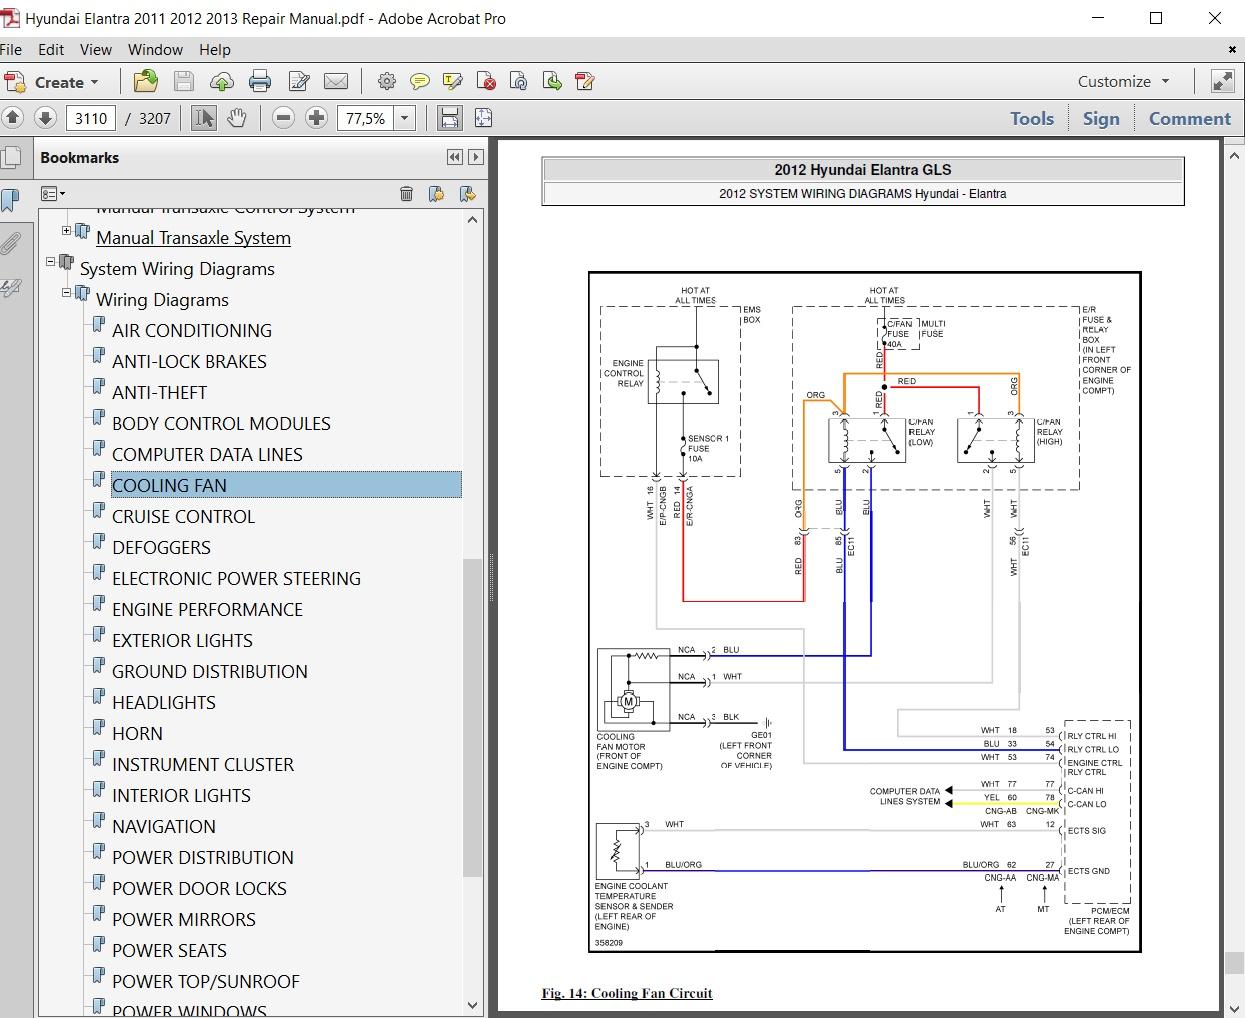 2013 Hyundai Elantra Wiring Diagram